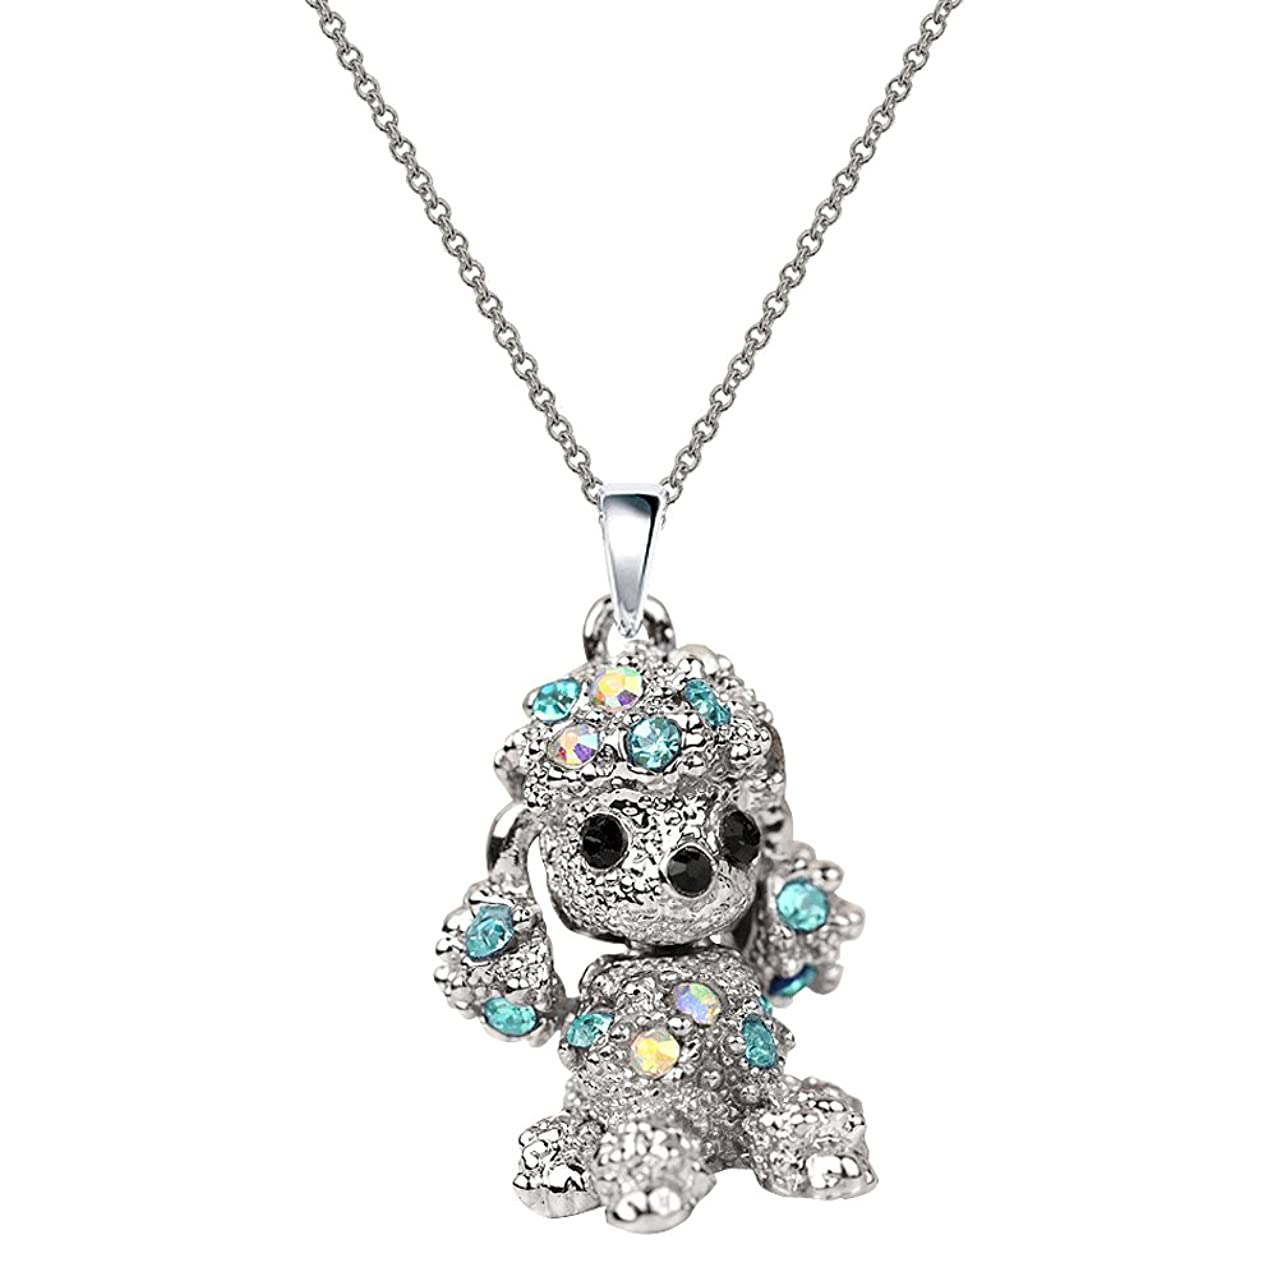 NC067 Cute 3D Blue Crystal Poodle Puppy Pet Charm Pendant Necklace